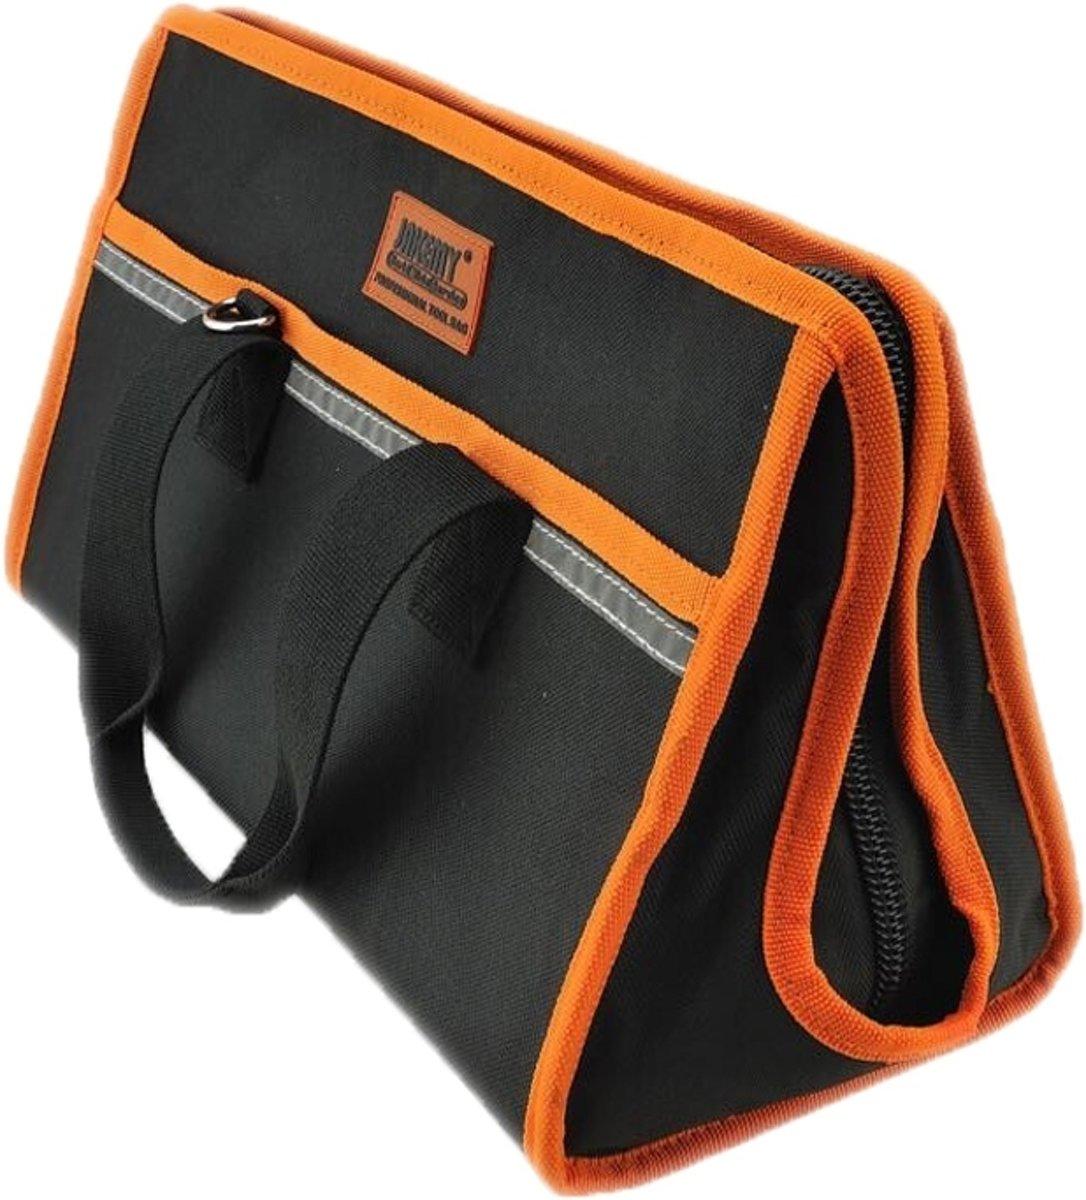 JAKEMY JM-B02 professioneel hulpmiddel tas  grootte: Medium kopen